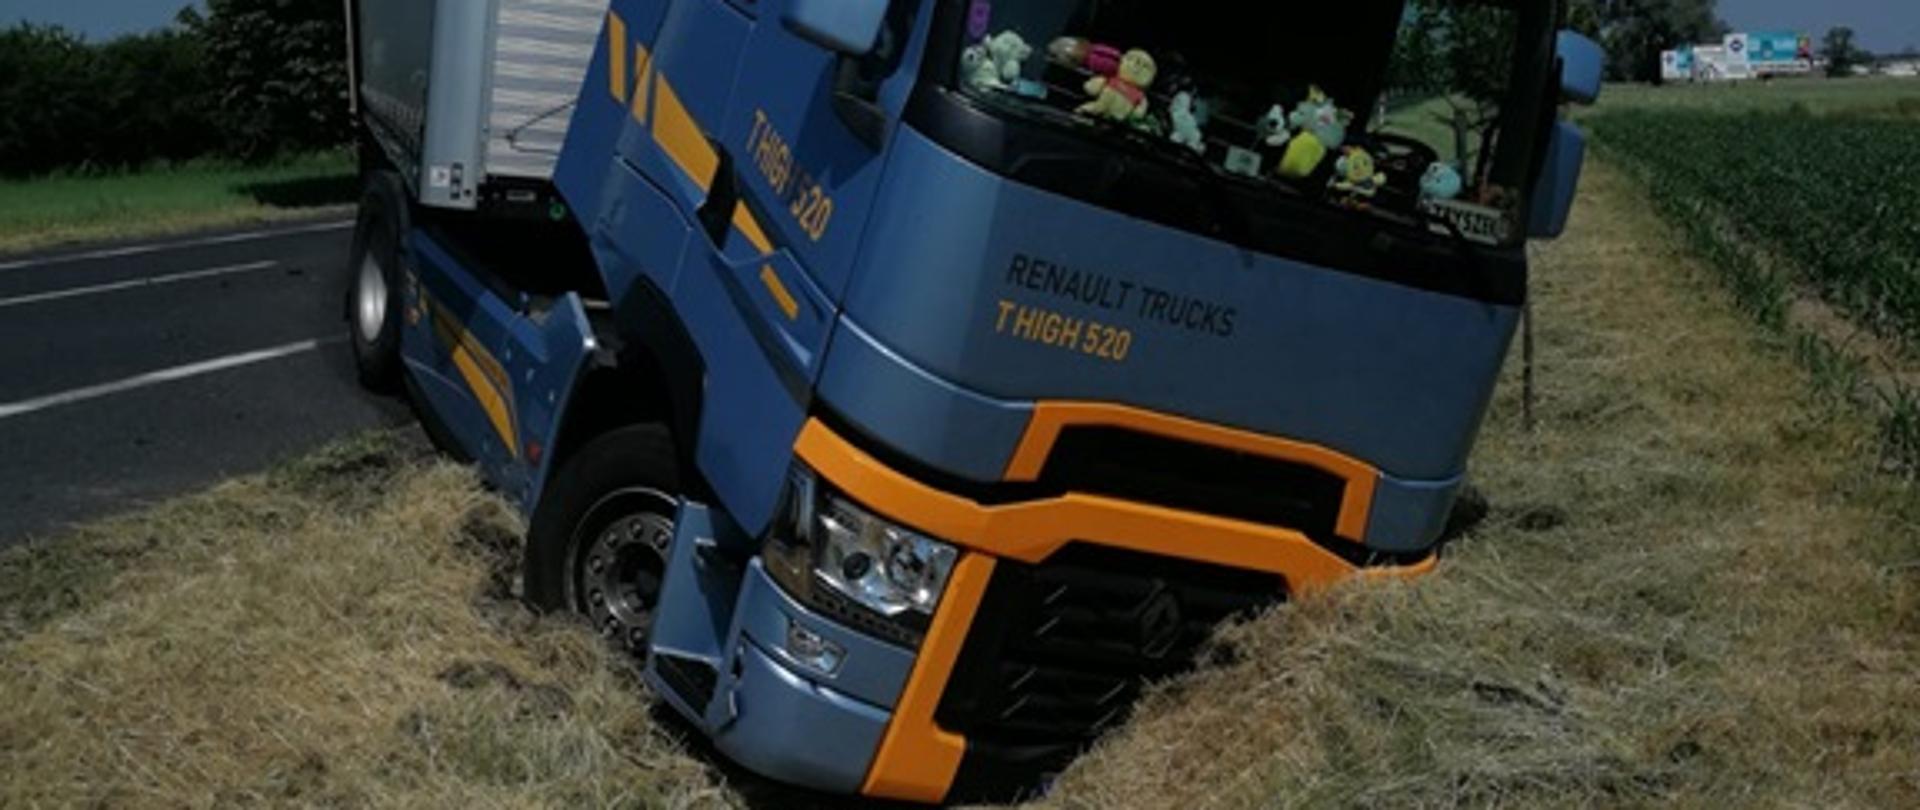 Samochód ciężarowy wbity przodem w ziemie rowu. Przyczepa stoi na drodze.